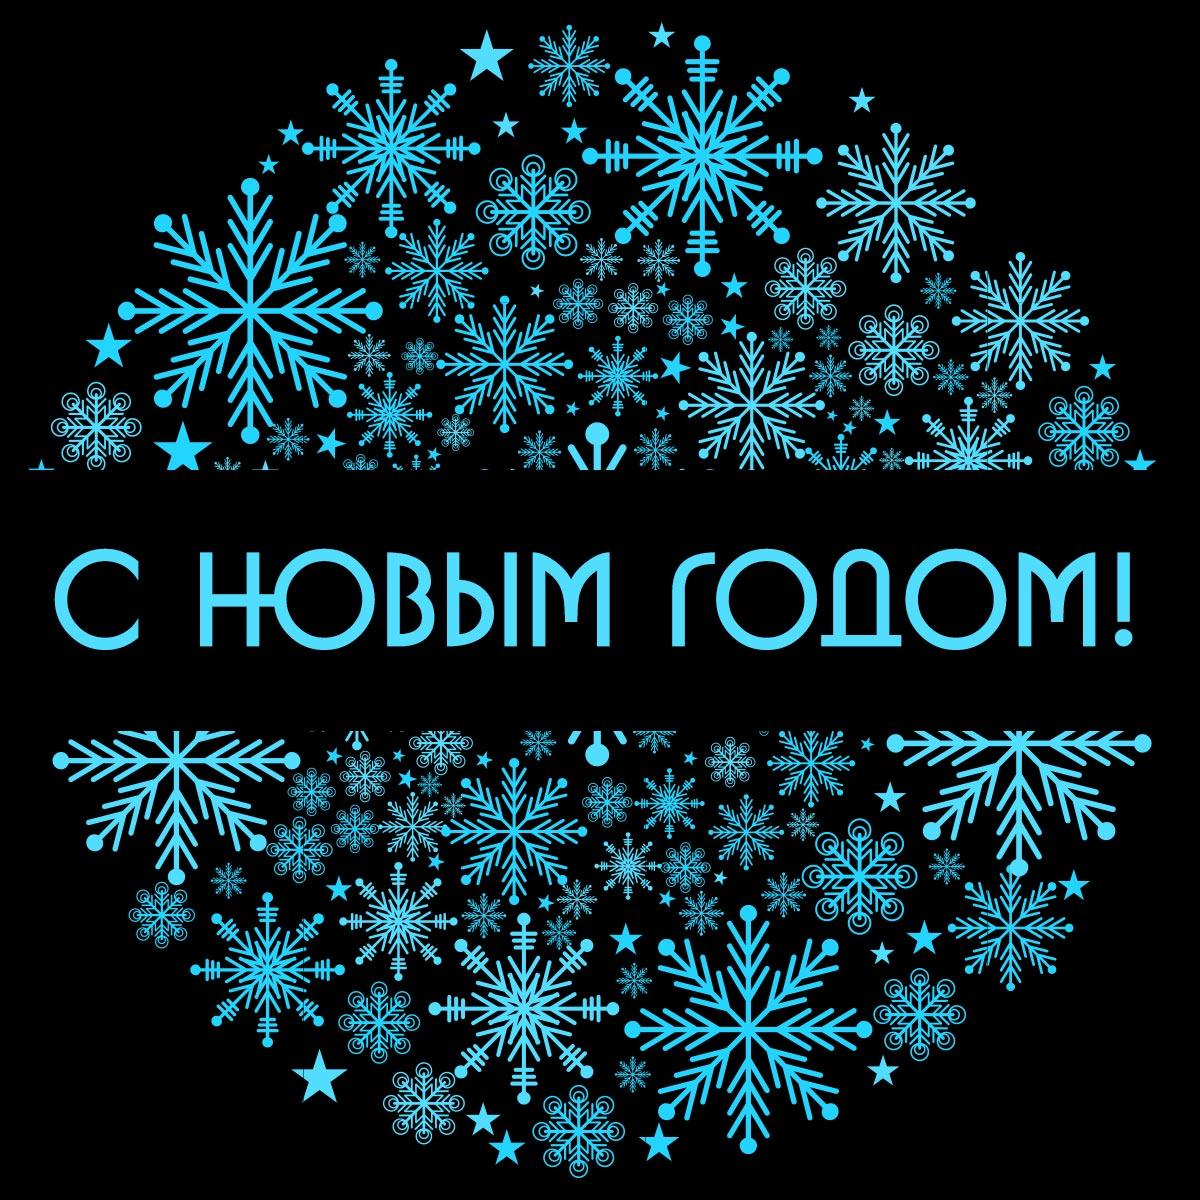 Картинка с текстом на дизайнерские новогодние открытки с синими снежинками на чёрном фоне.